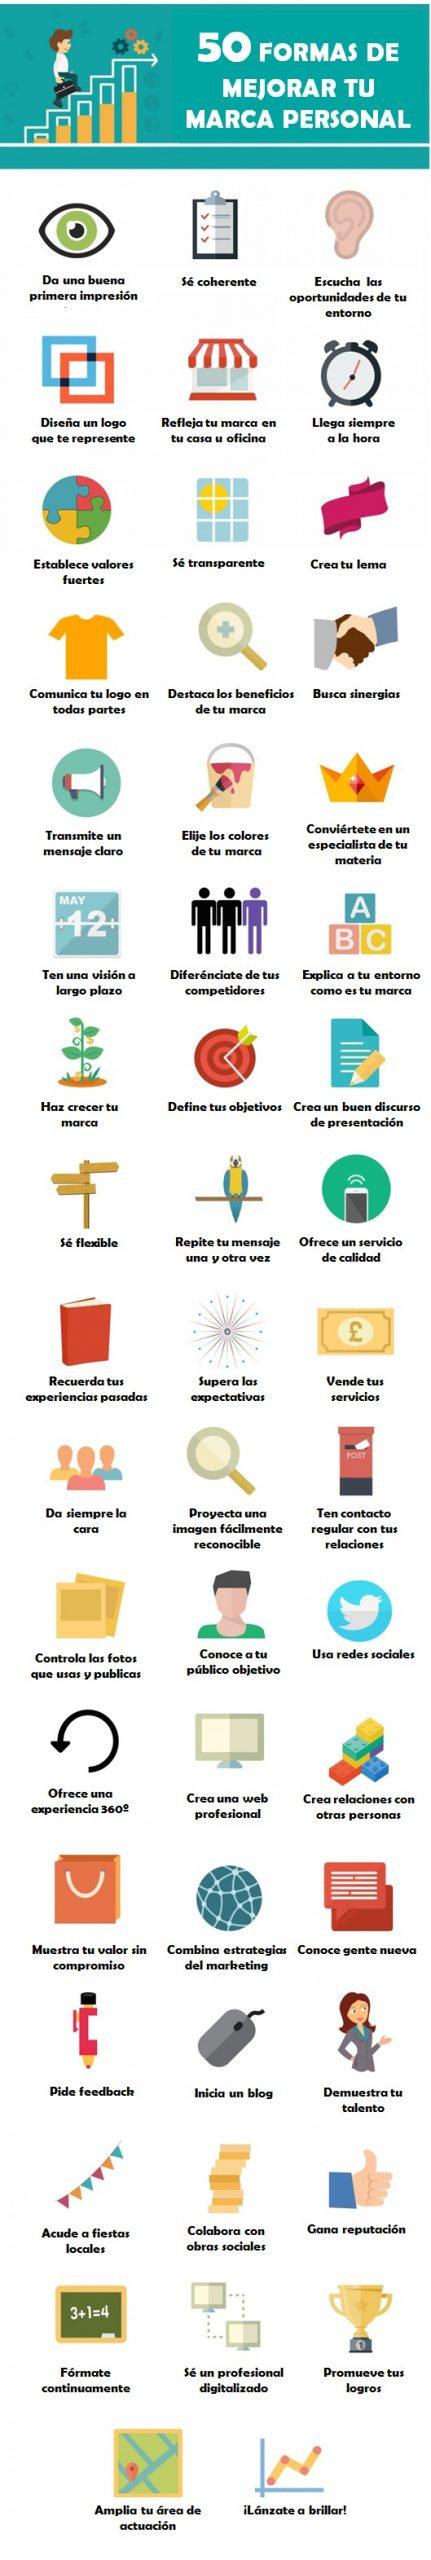 infografia marca personal